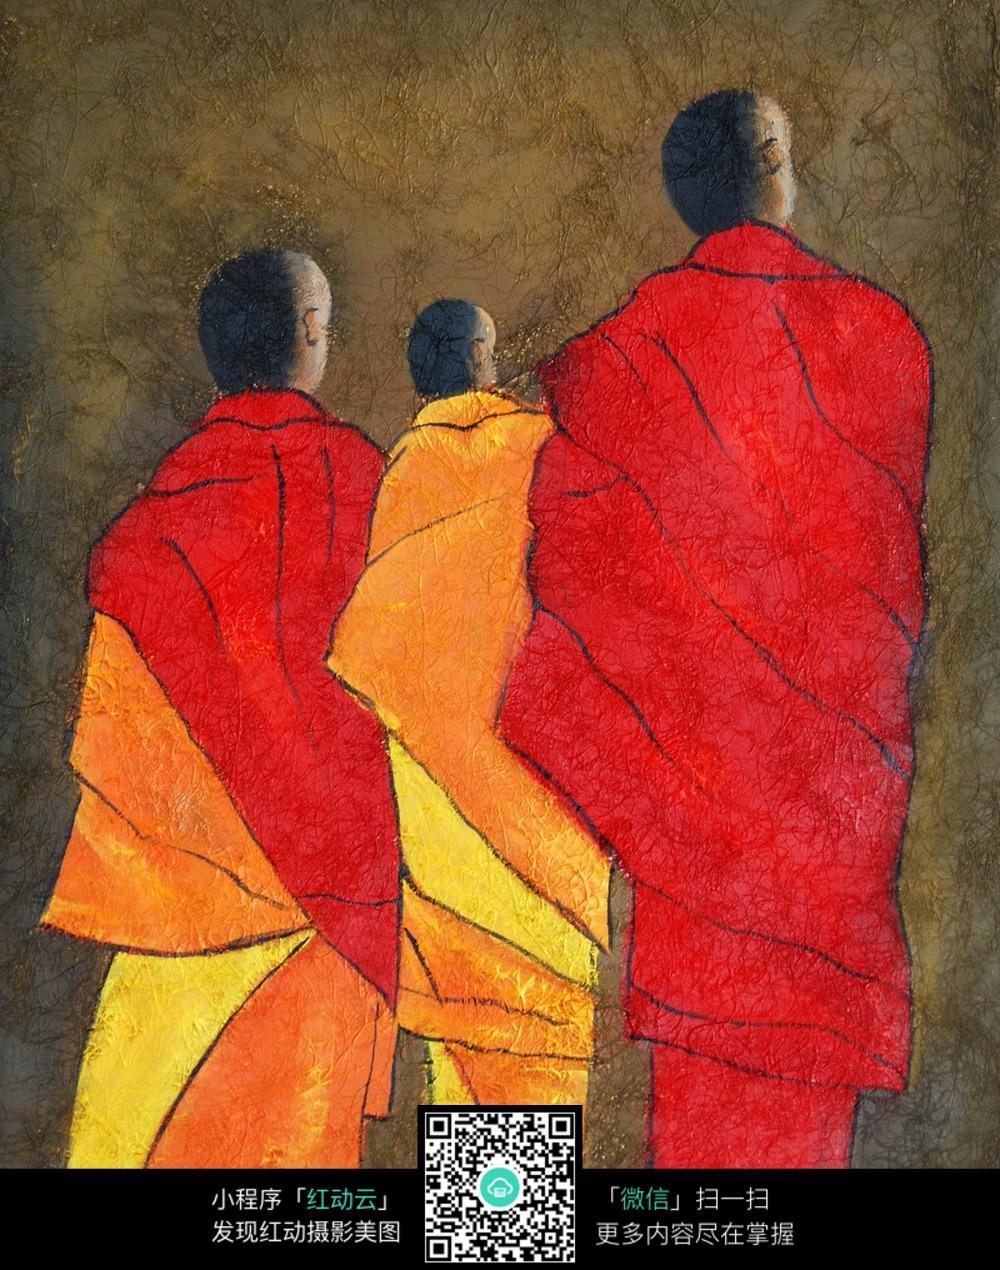 僧人图片免费下载 编号5528899 红动网